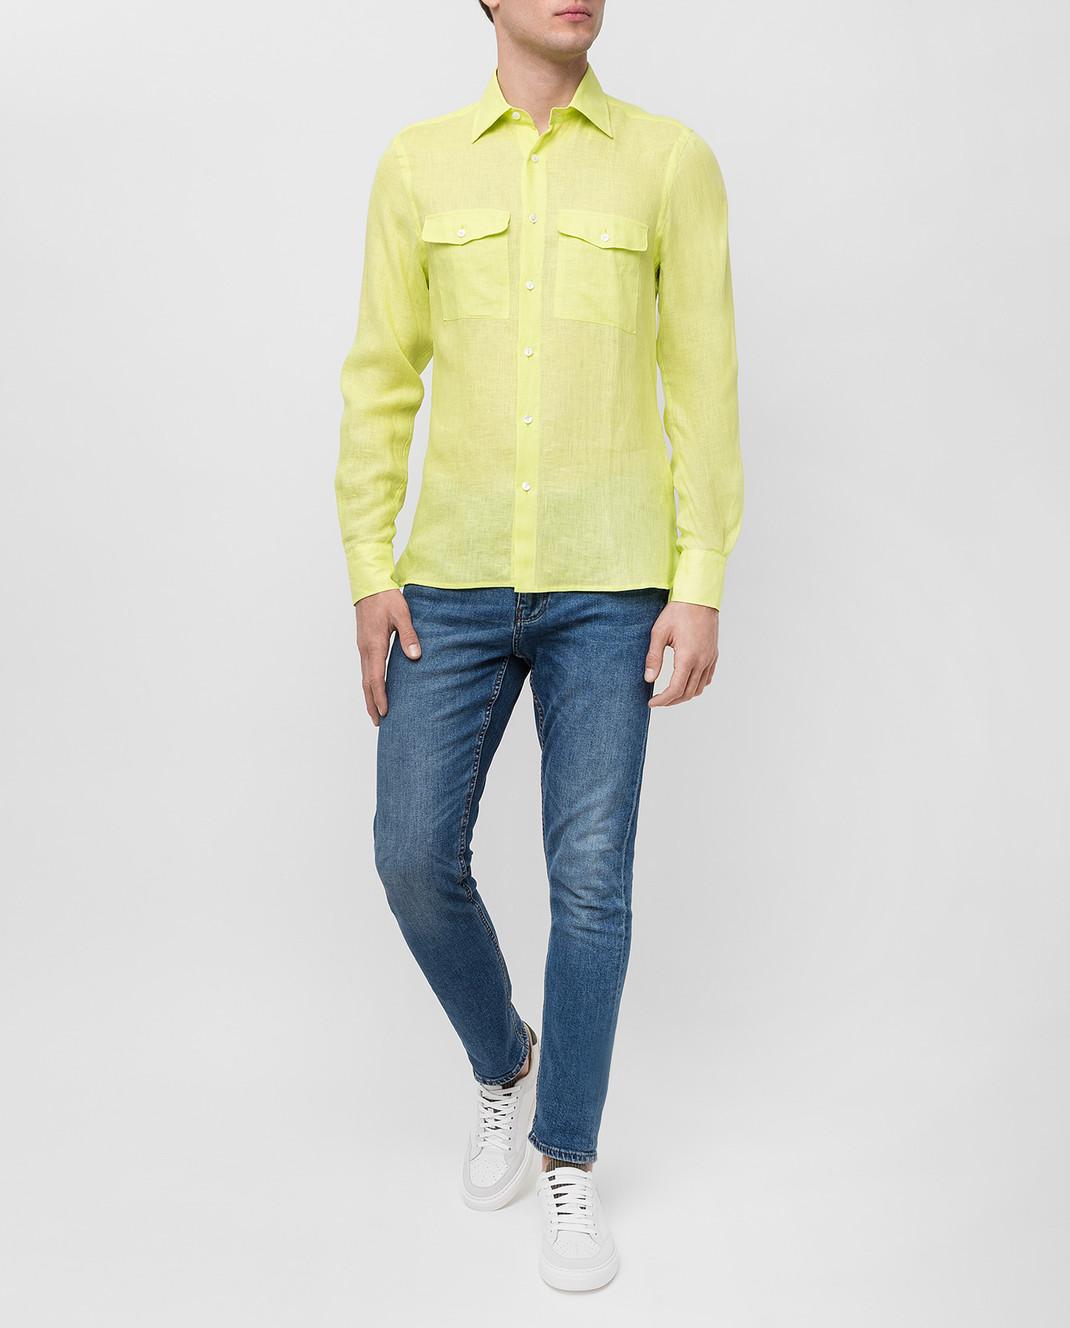 Ermanno Scervino Рубашка из льна изображение 2